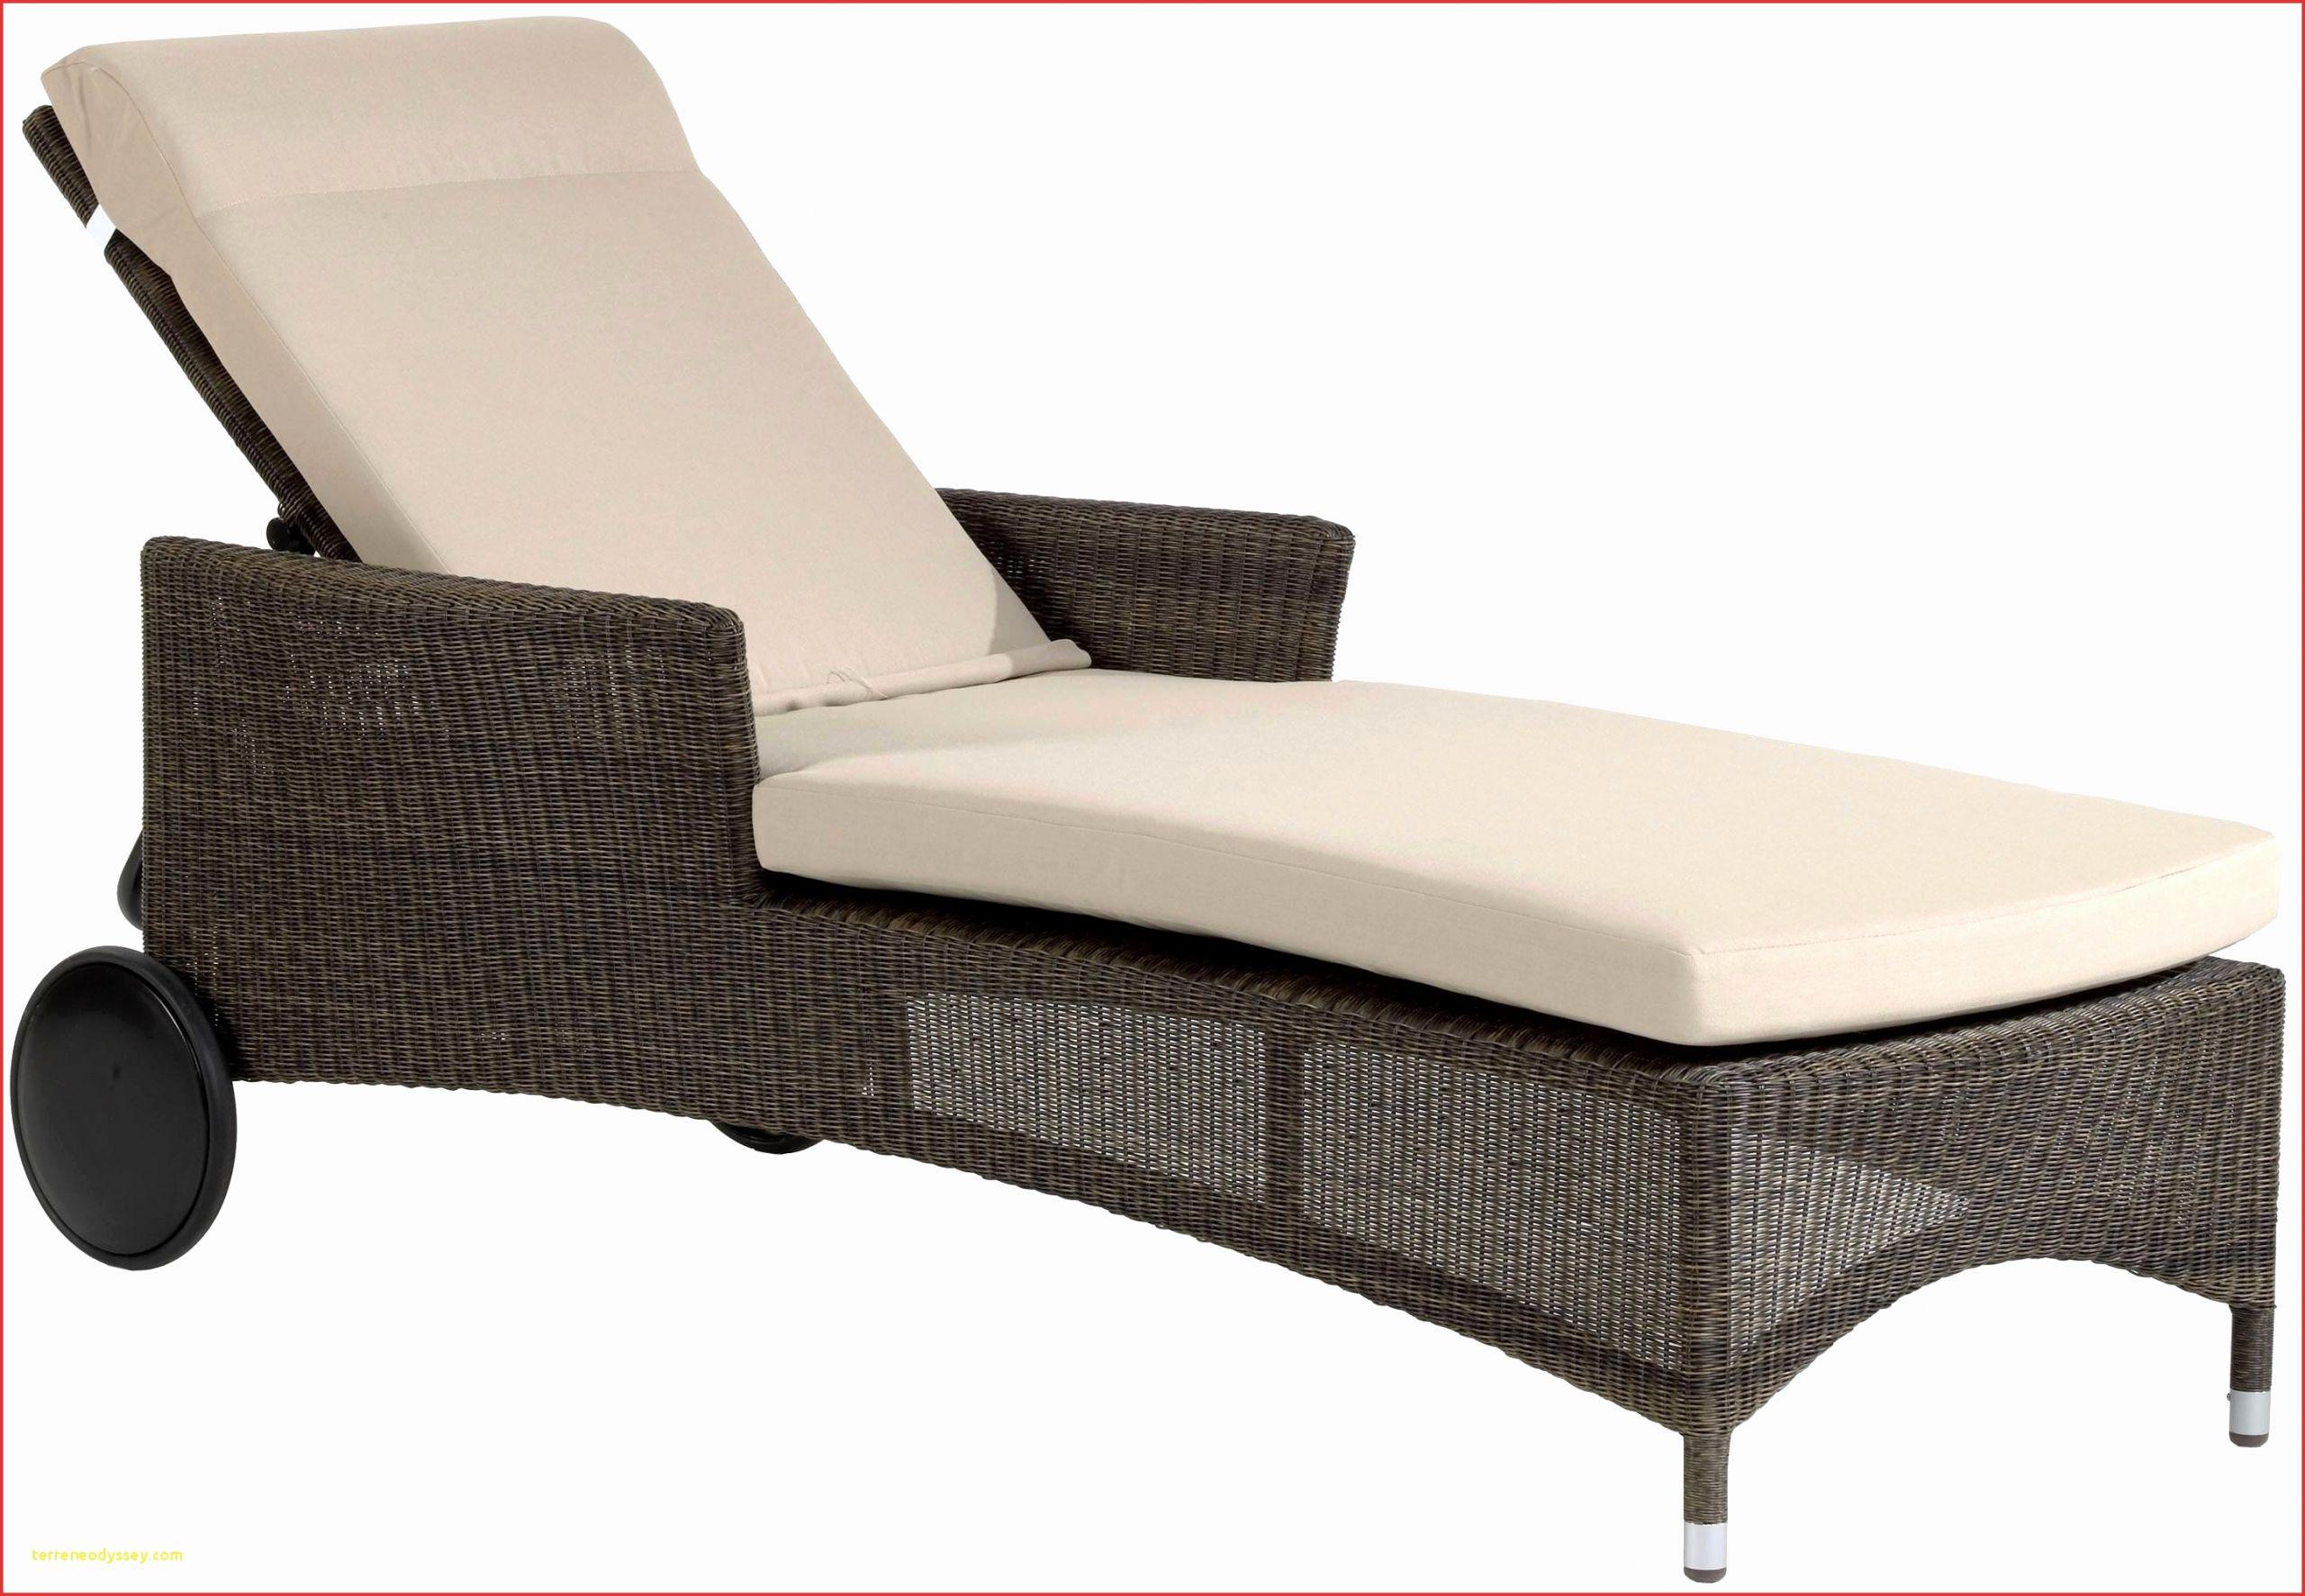 incroyable photos de castorama chaise genial fauteuil jardin alinea chaise jardin leroy merlin of incroyable photos de castorama chaise